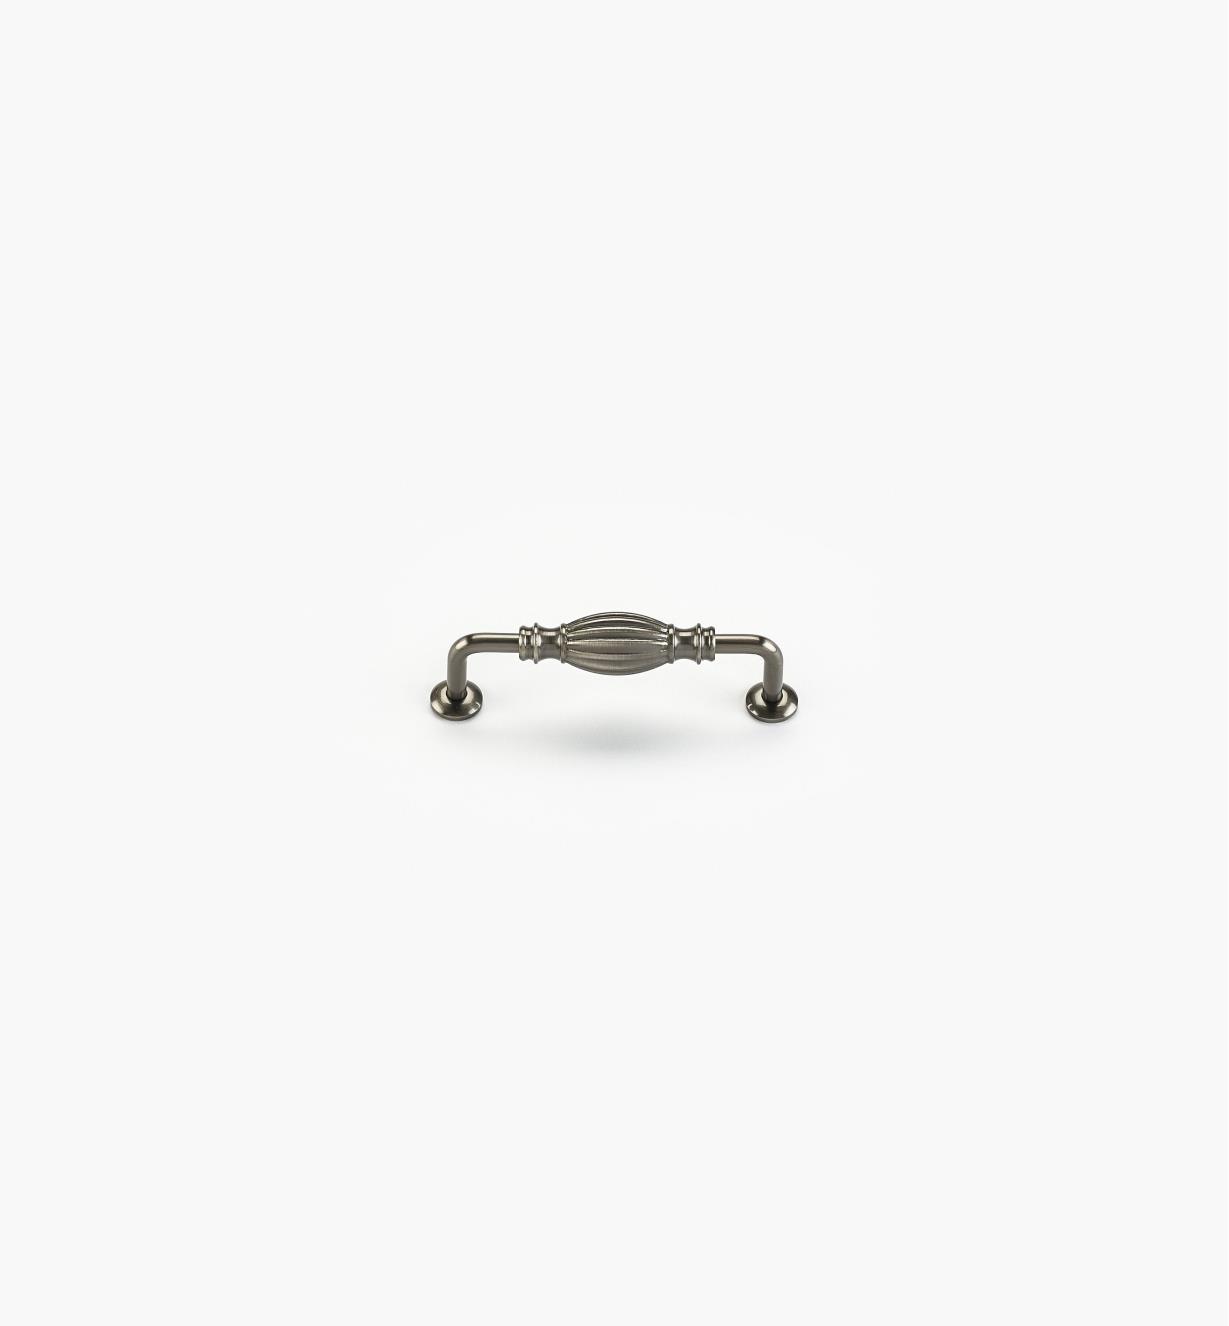 02W4435 - Poignée de 4po, série Olive, fini nickel antique